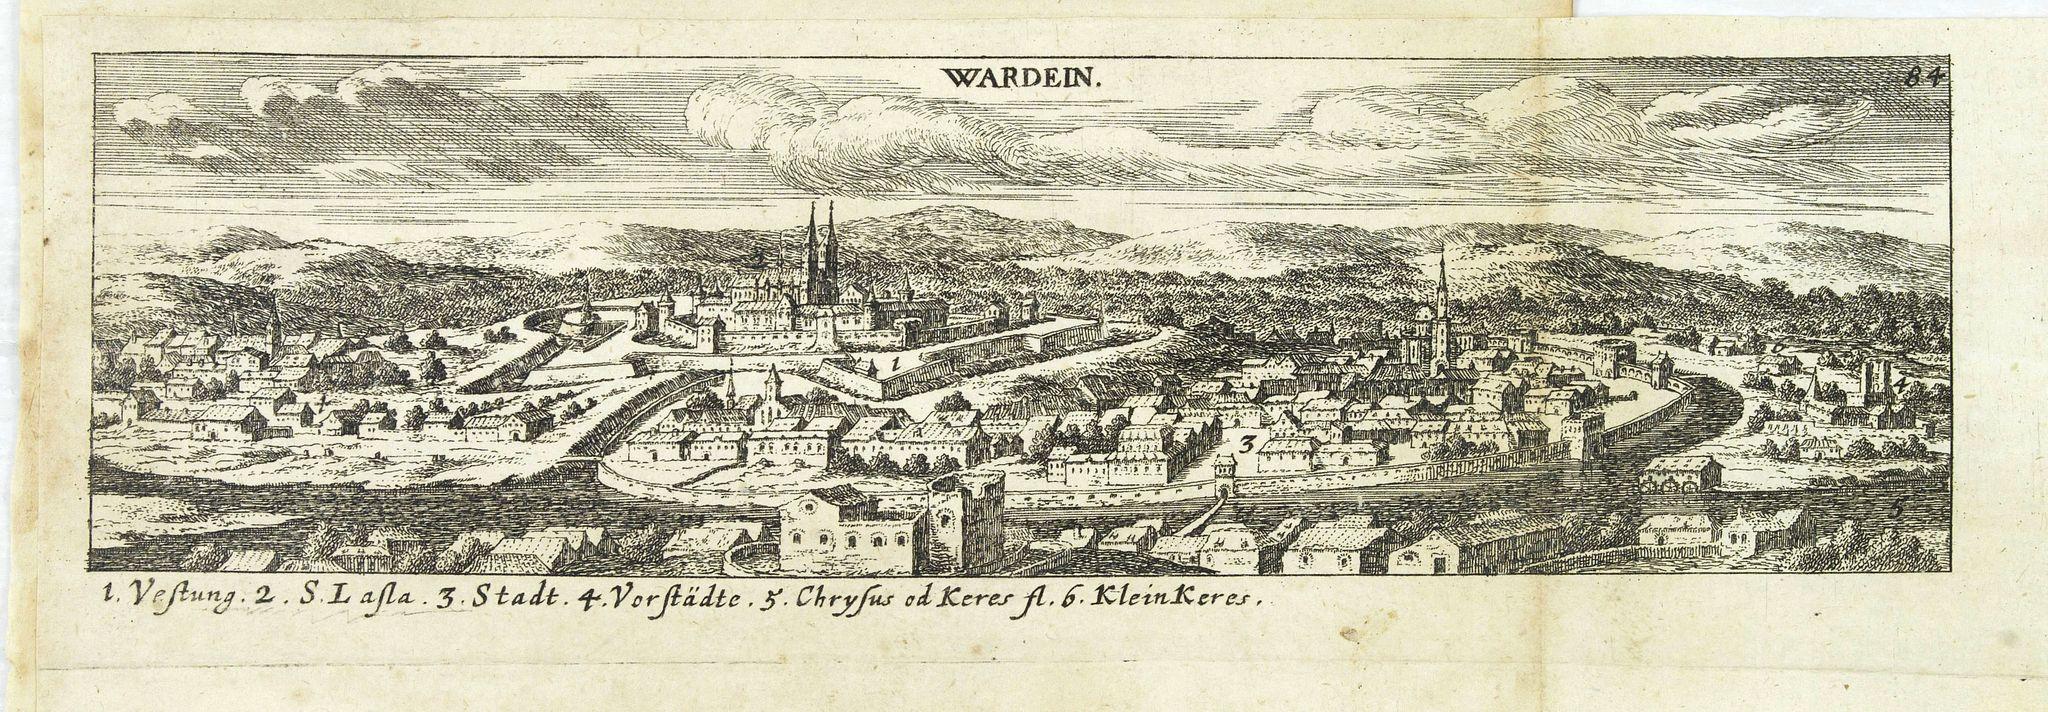 VON BIRKEN, S. -  Wardein.